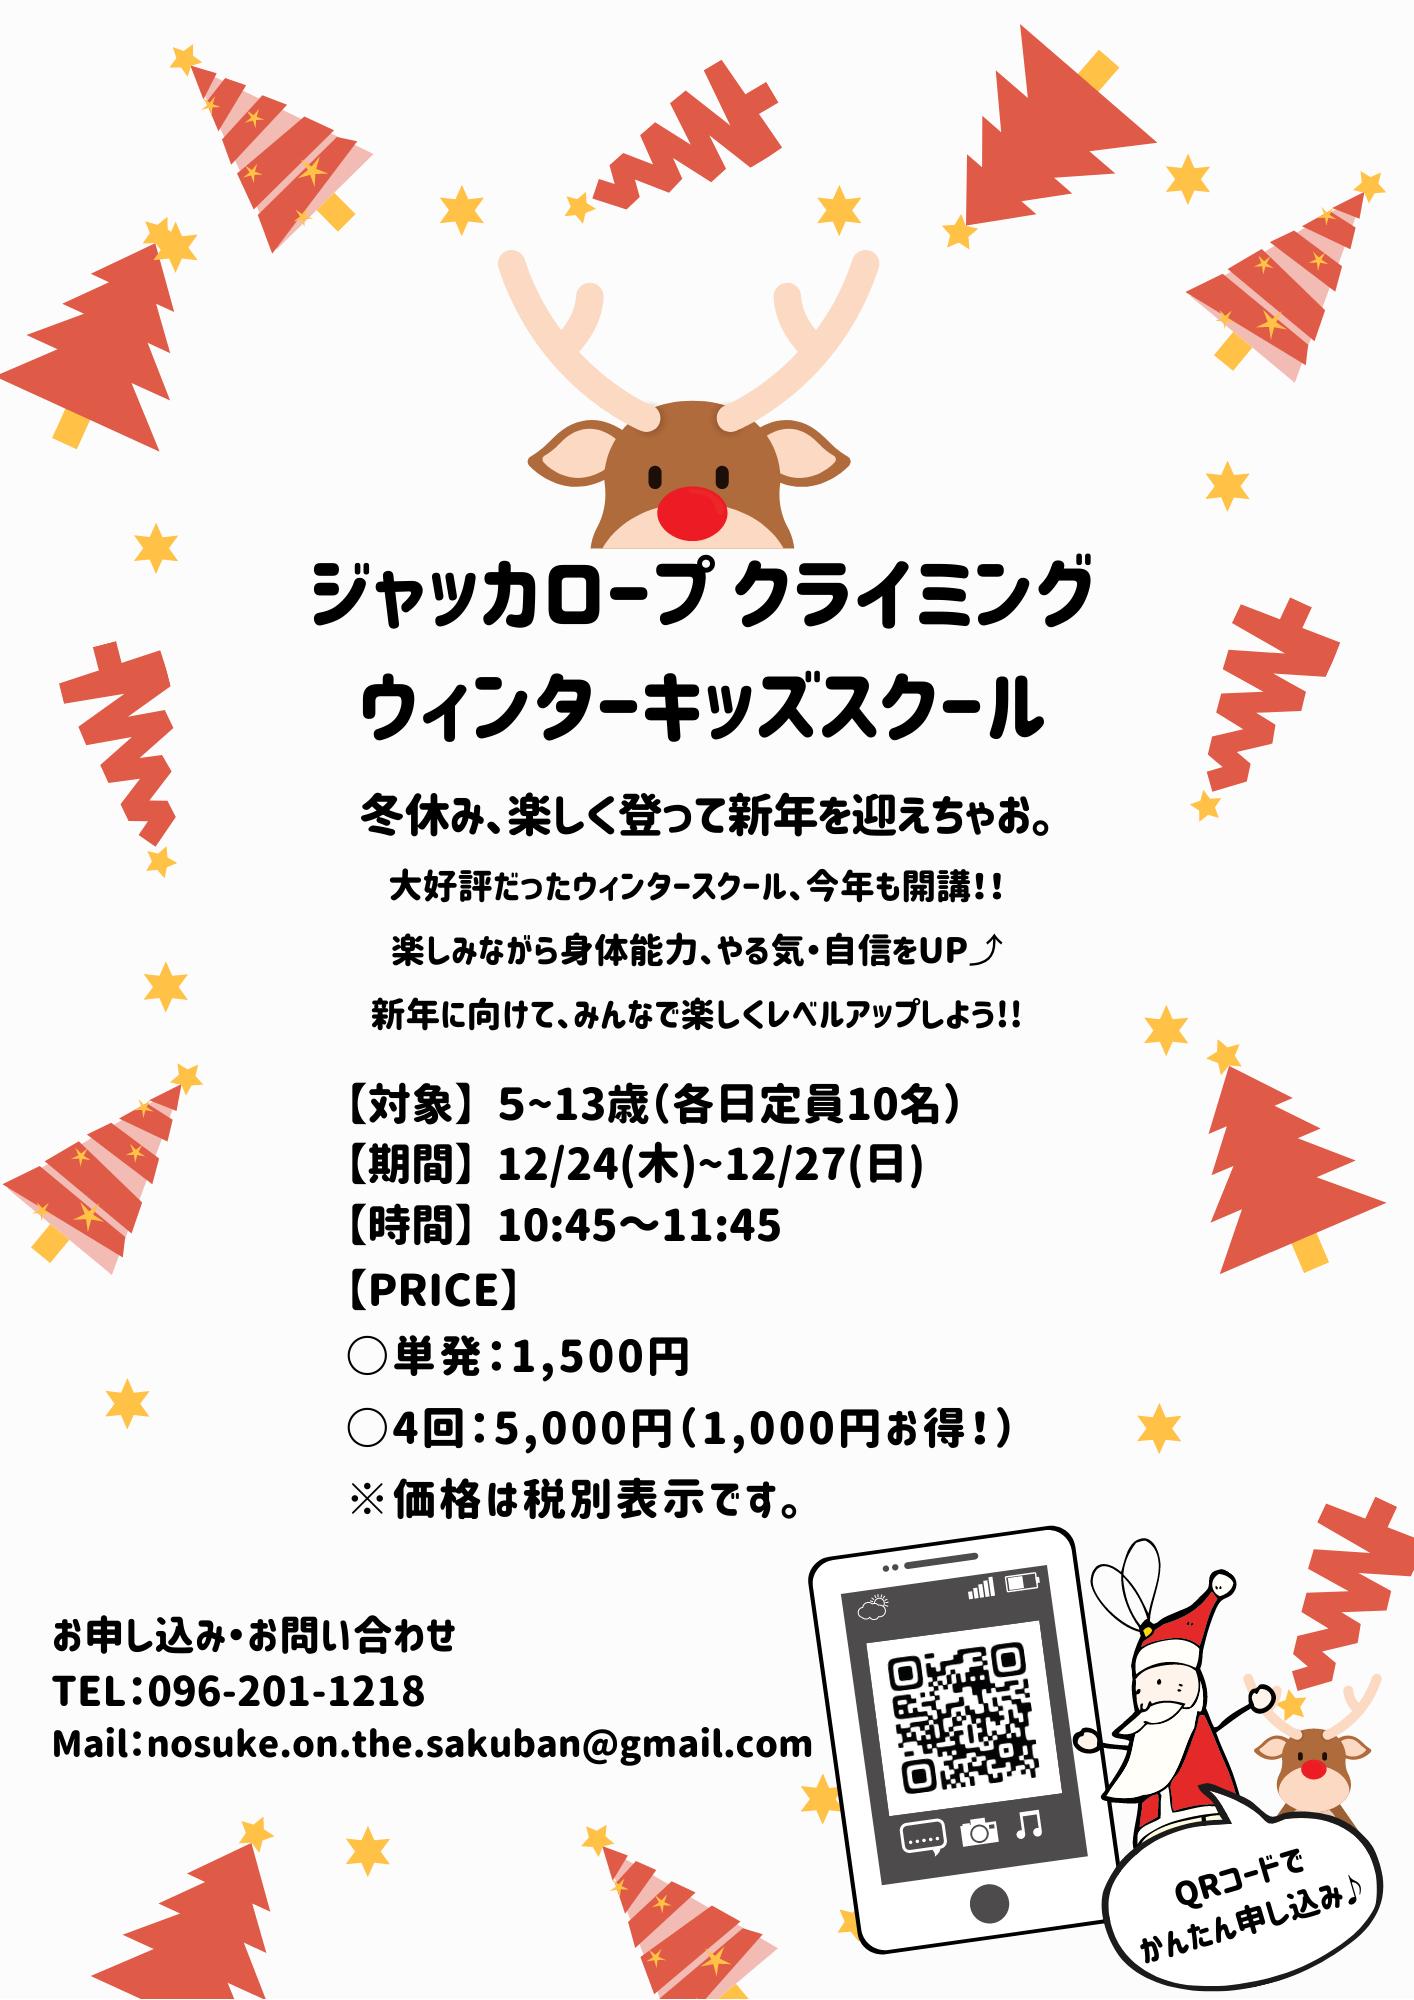 夏休みイベントのコピーのコピーのコピー-2.png